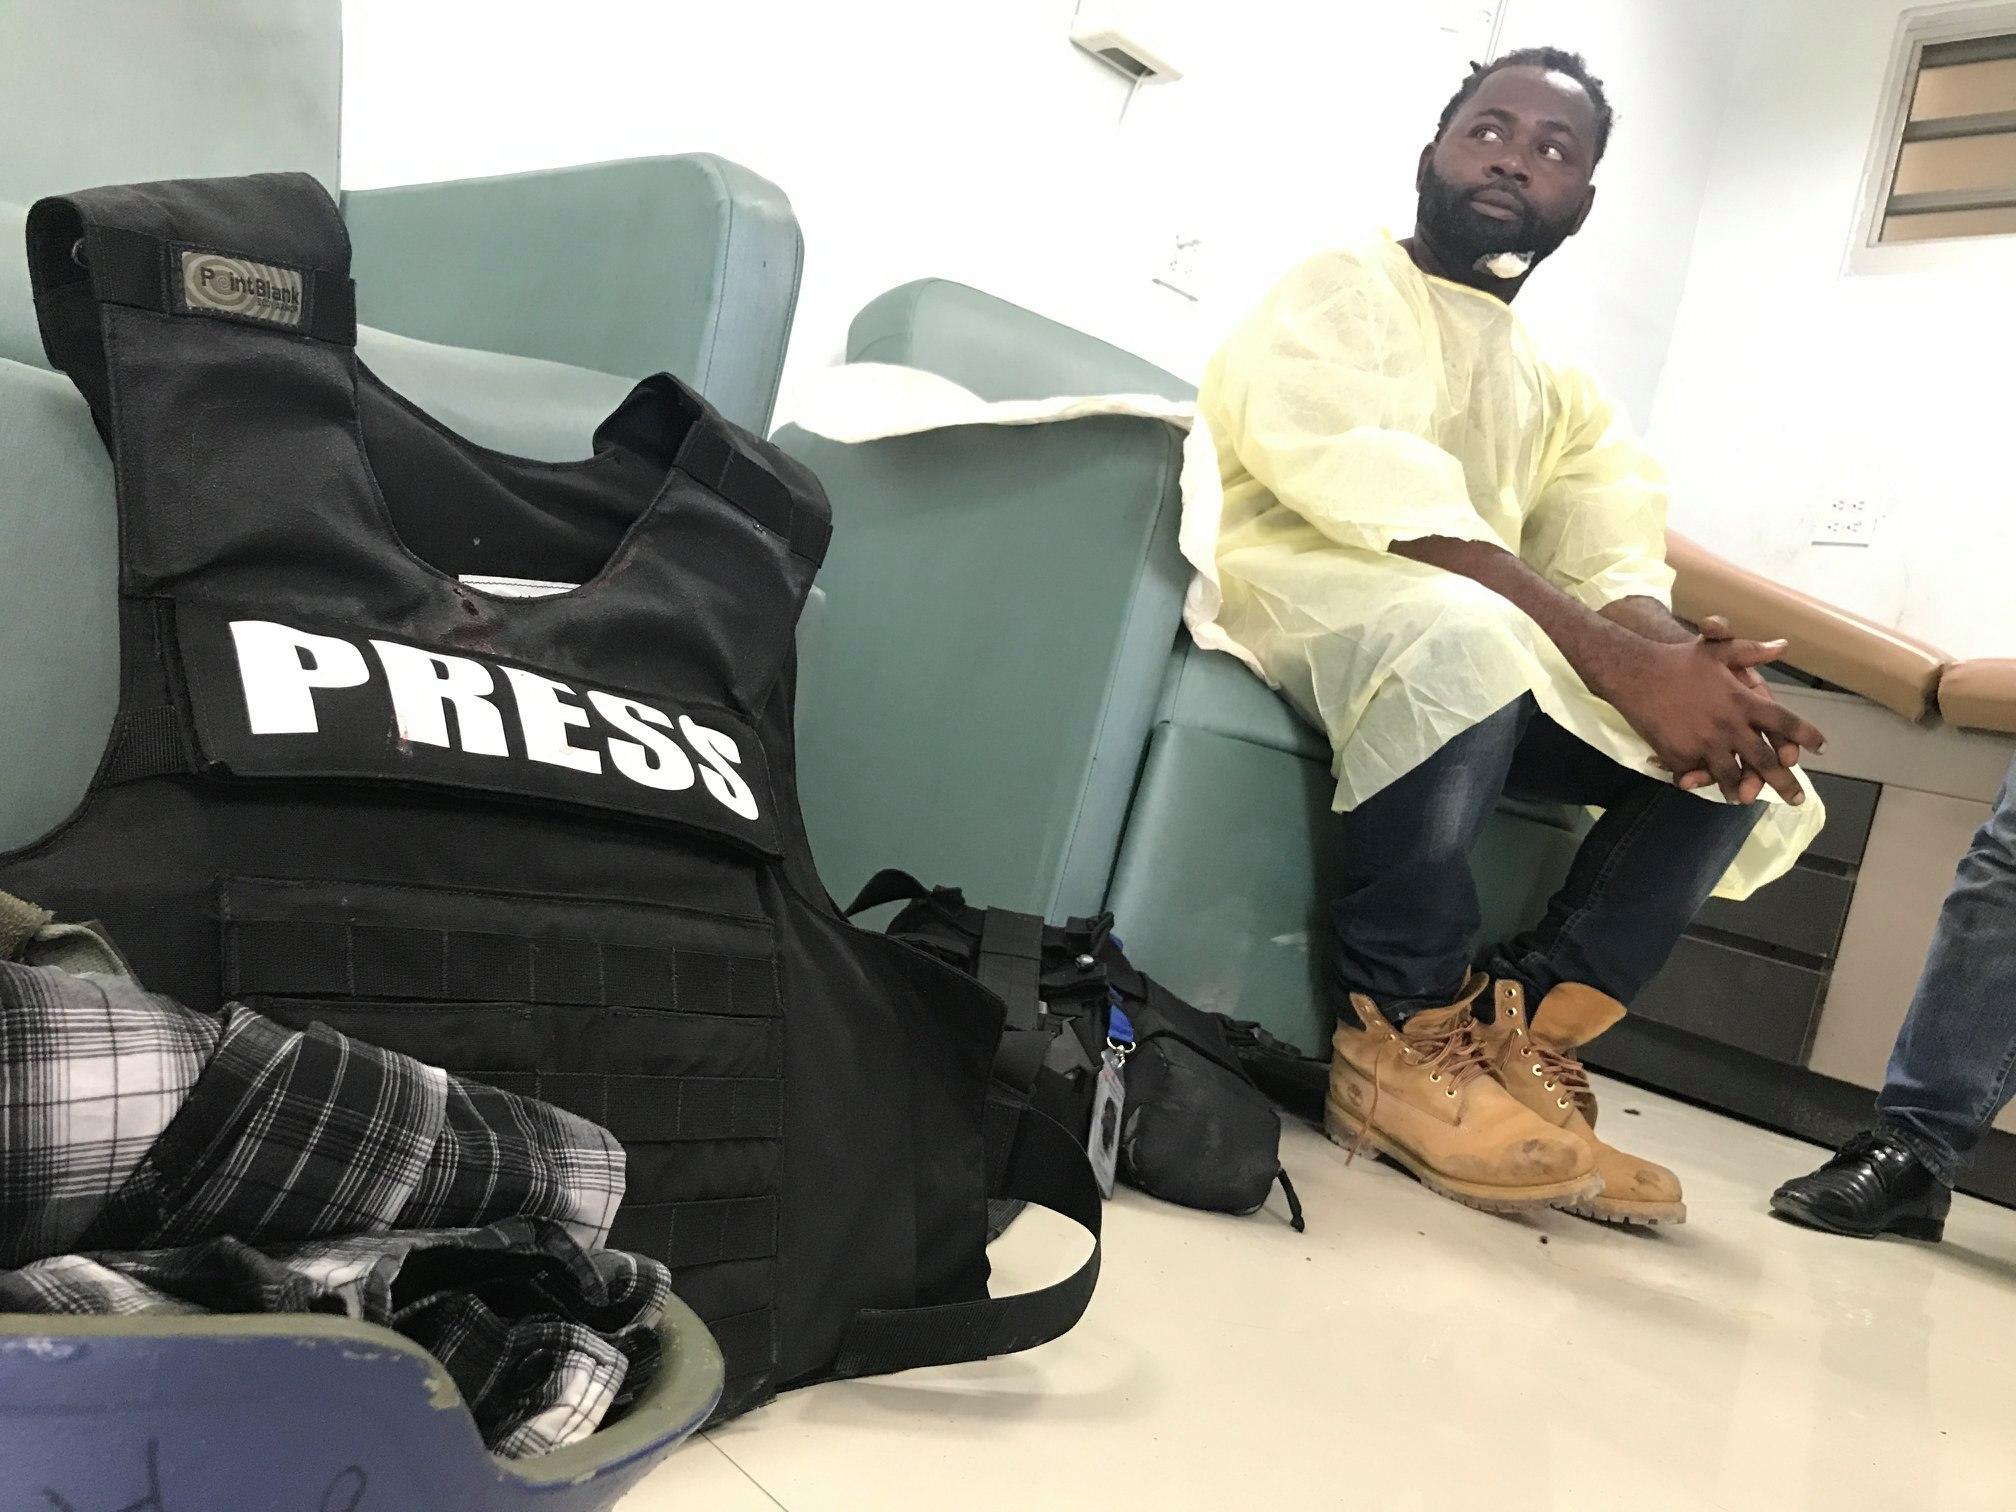 Le photojournaliste Dieu Nalio Chéry dans un hôpital de la capitale après l'incident survenu au parlement haïtien hier lundi./Photo: Source-EFE.